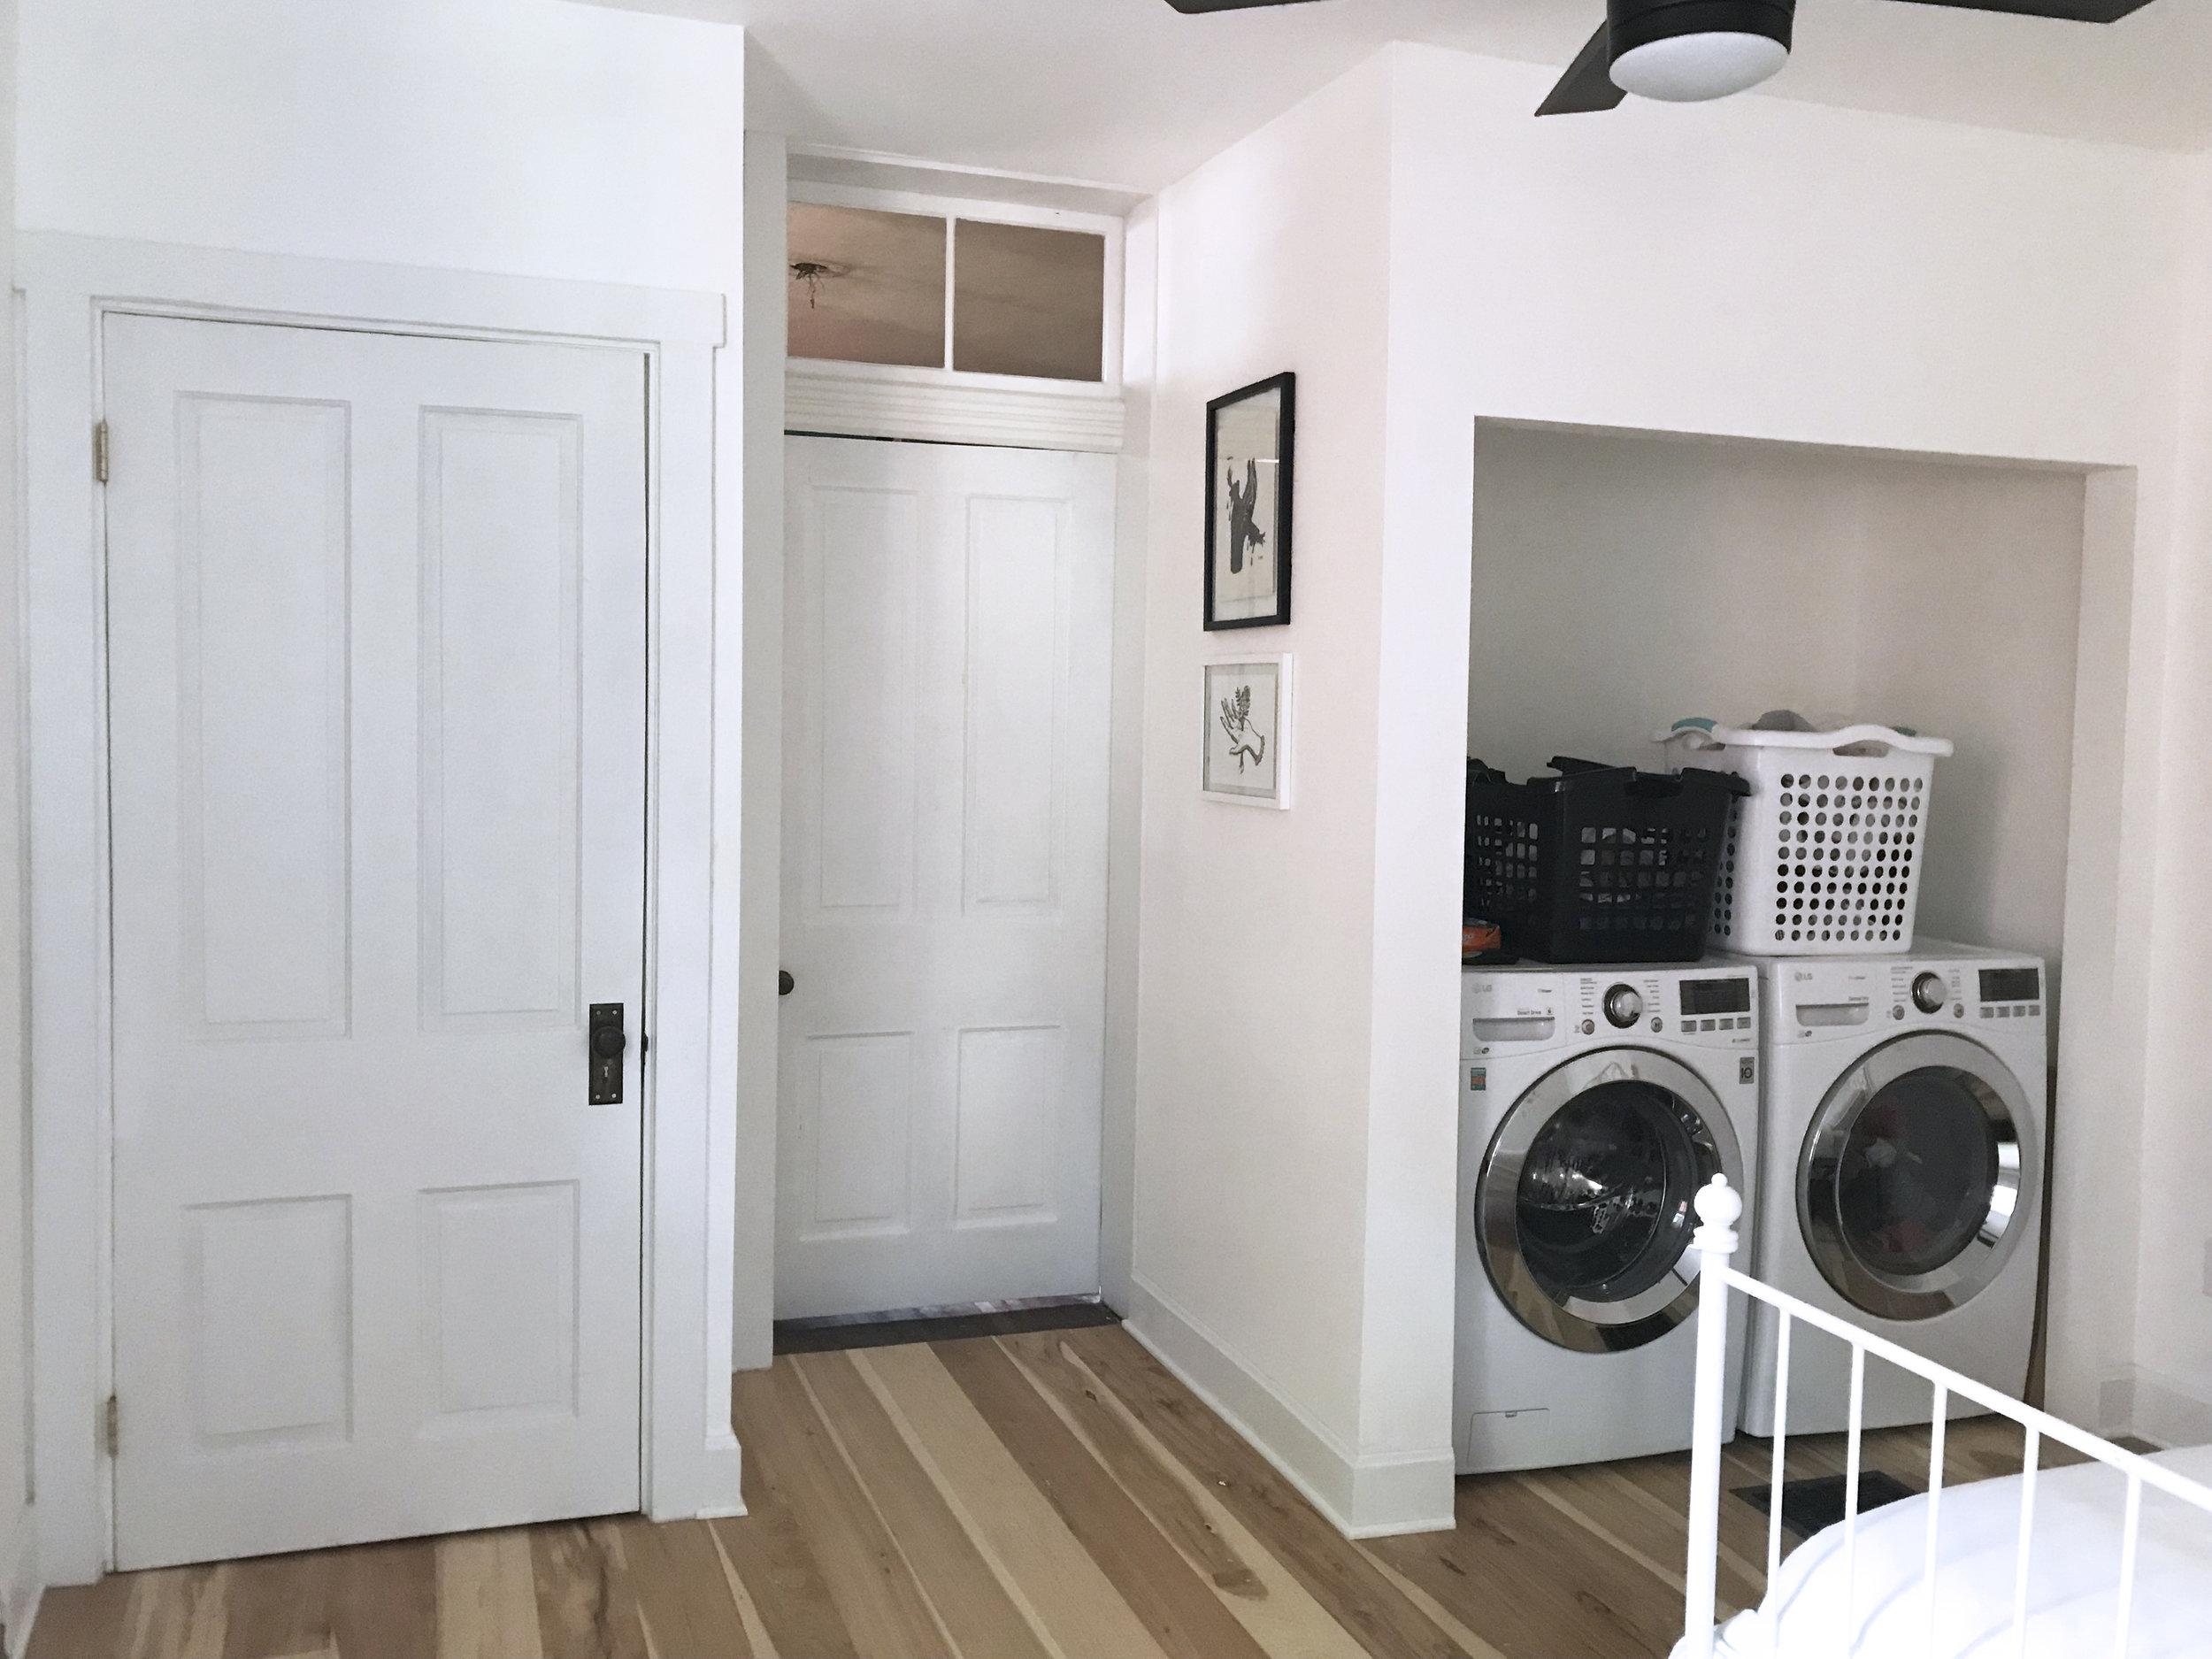 Kitchen_Renovation_Bedroom_After_2